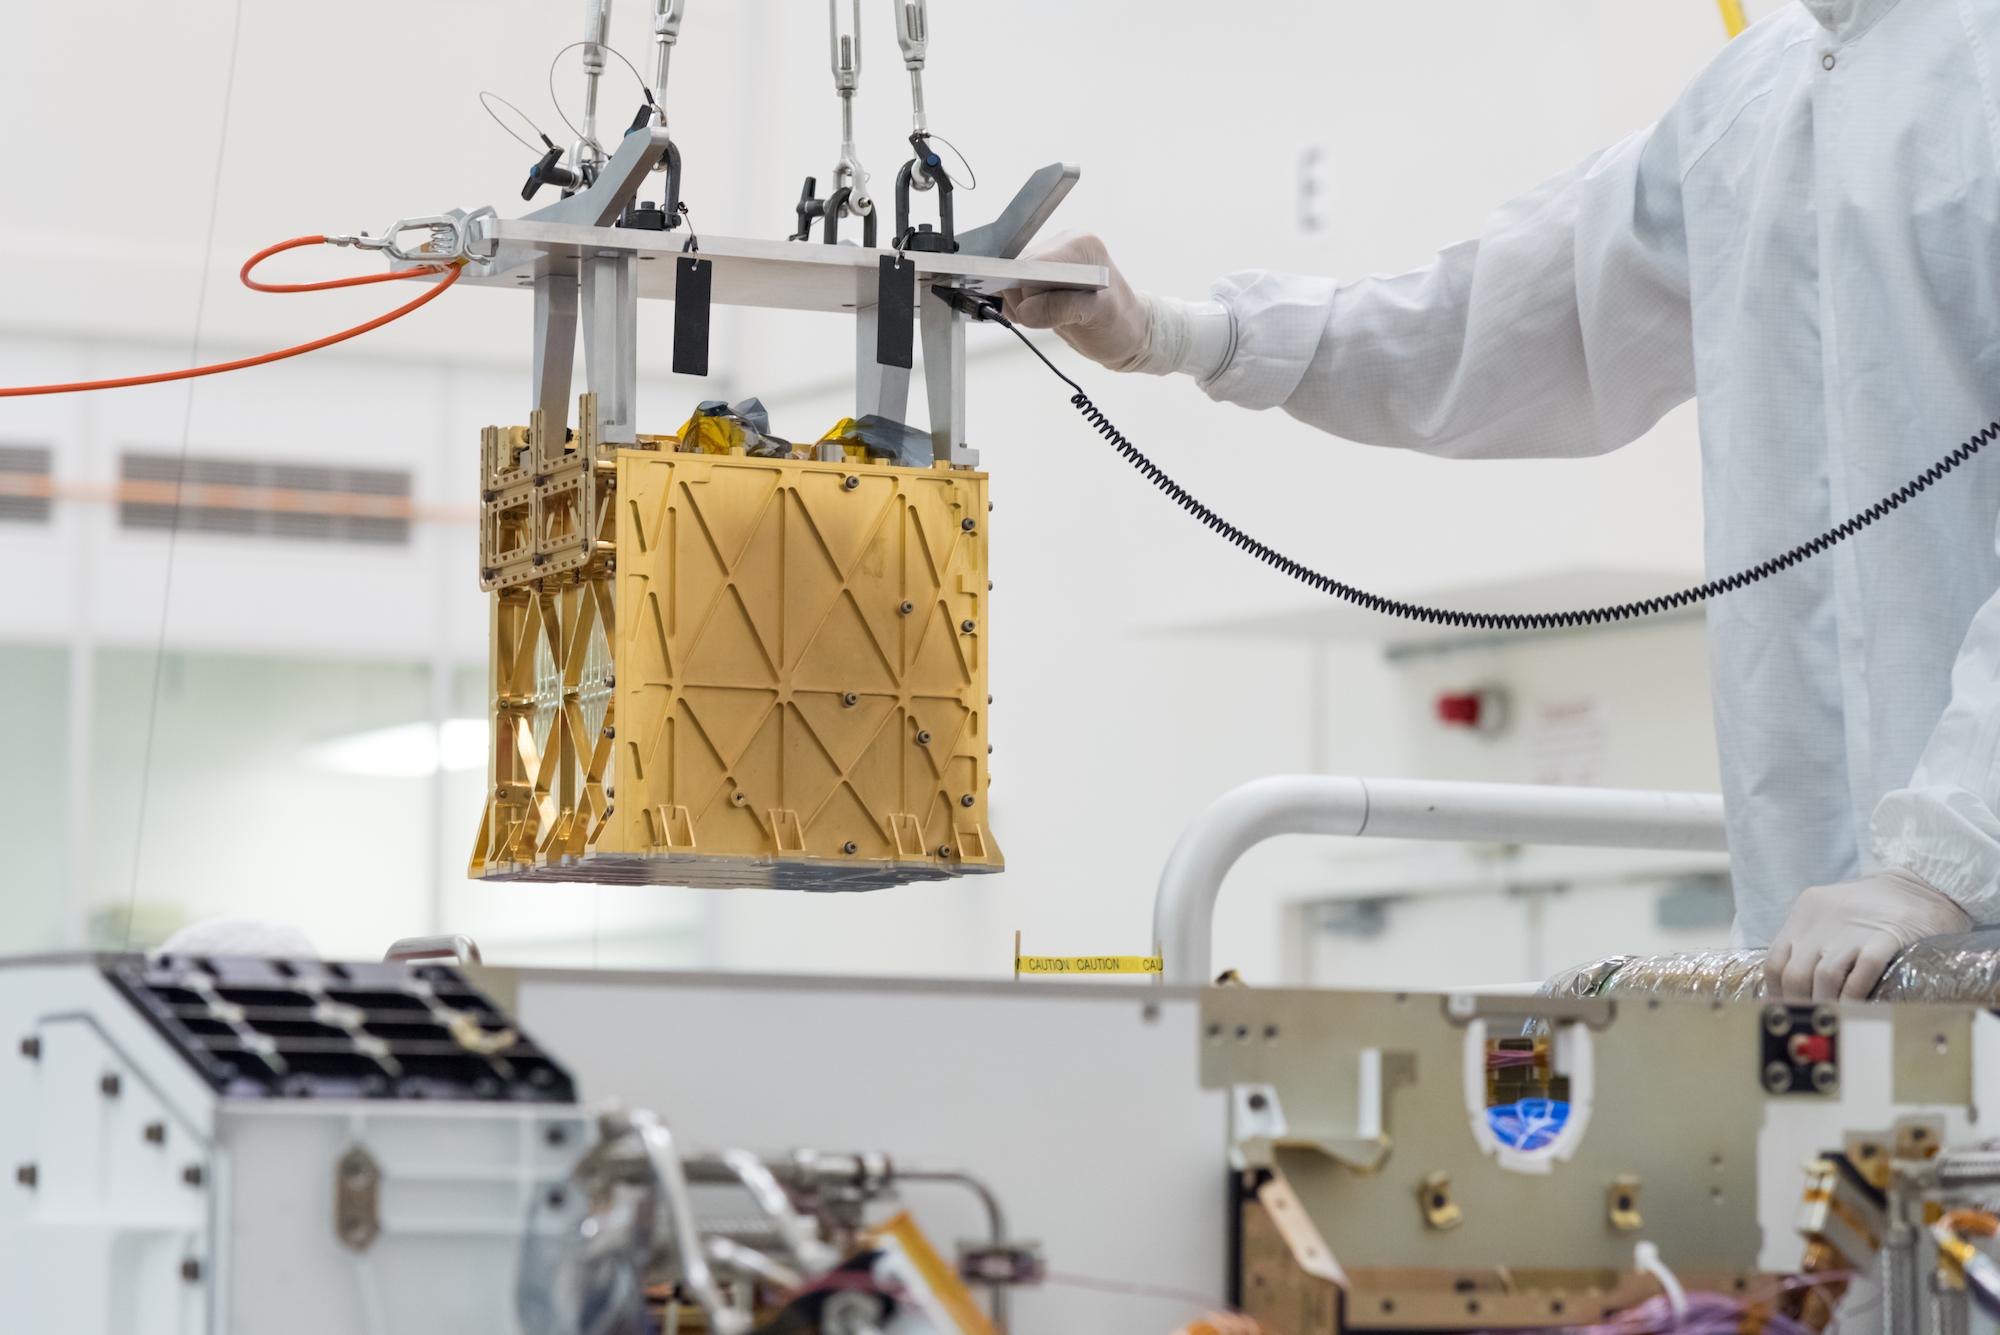 Les ingénieurs ont abaissé l'instrument MOXIE dans le rover Mars Perseverance en mars 2019.